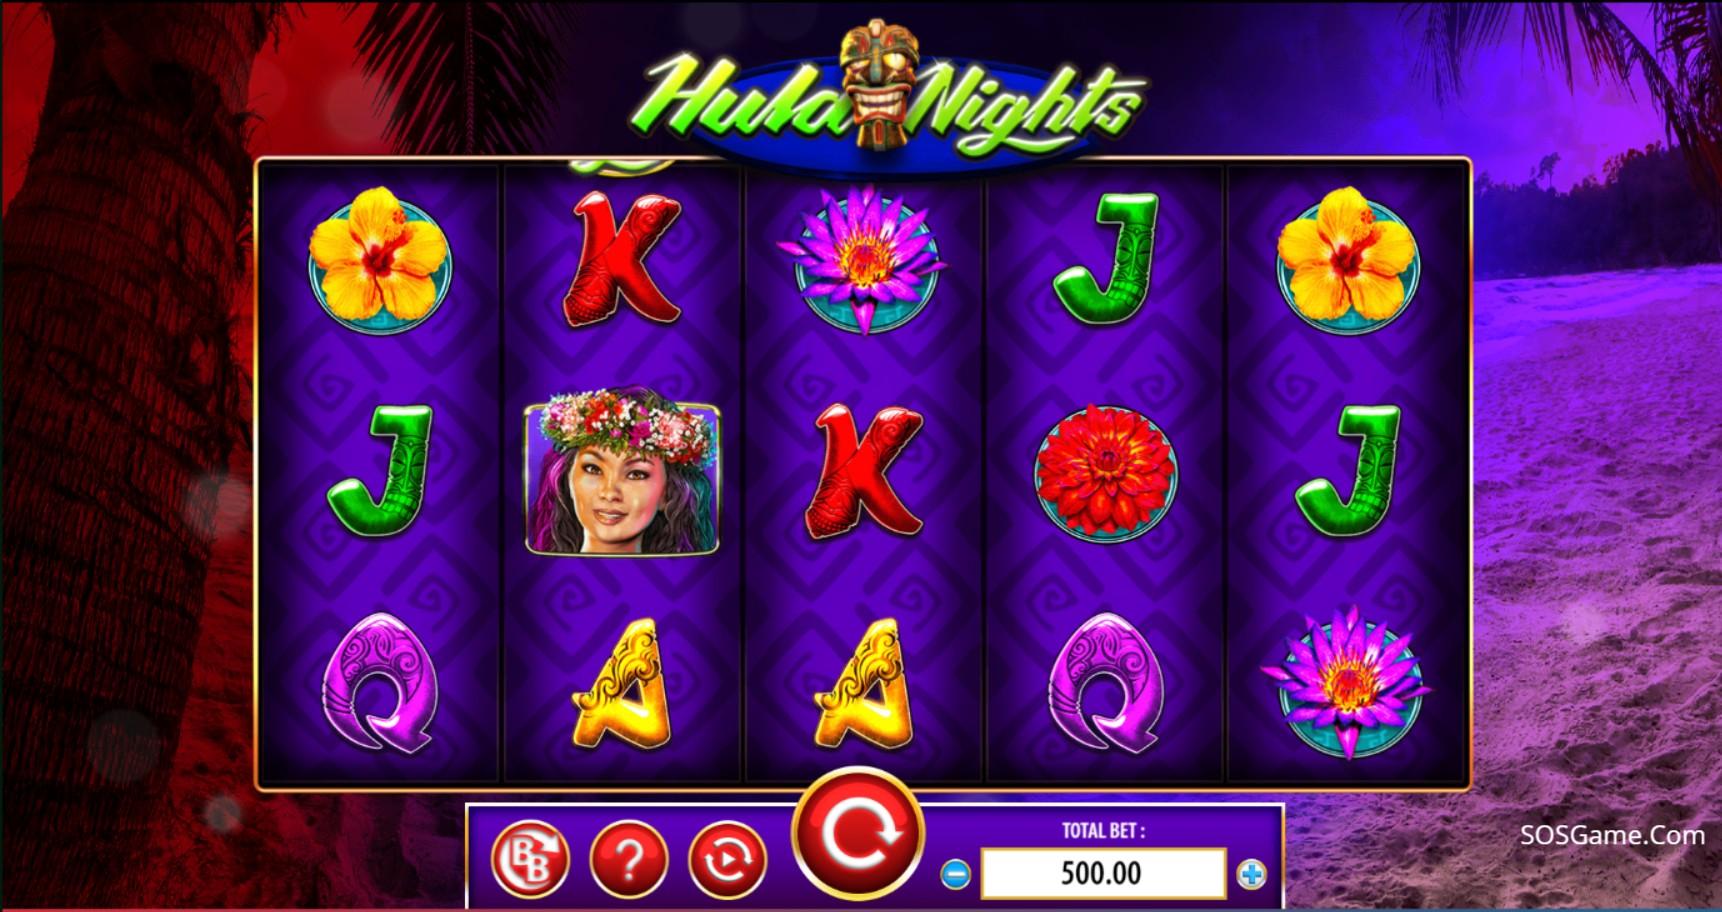 Hula Night Video Slot